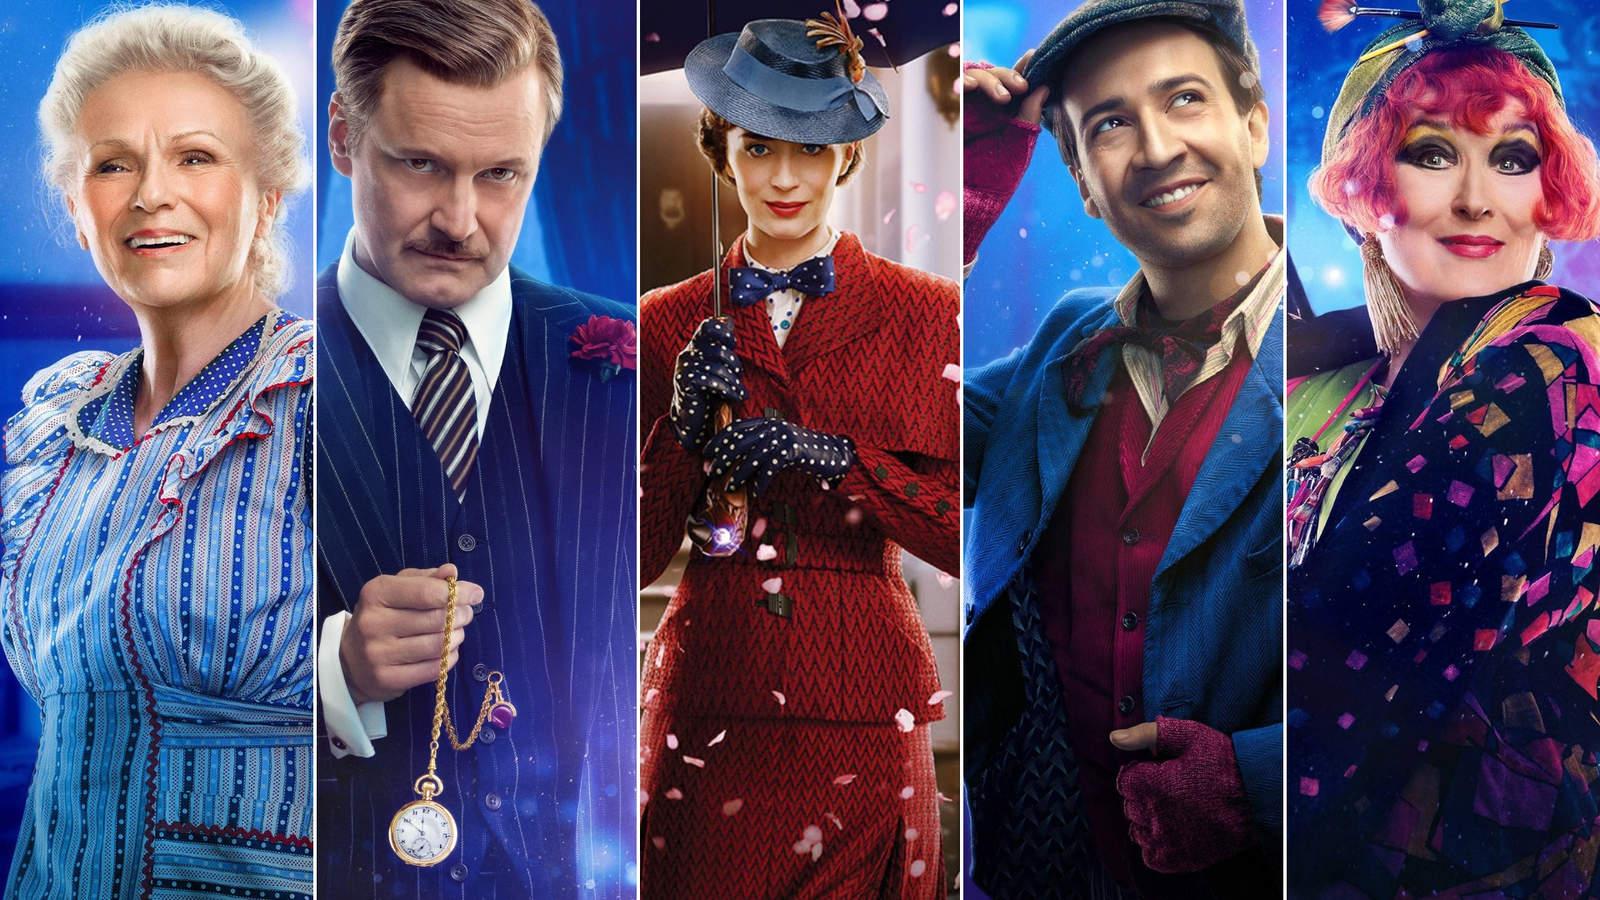 ¿Quién es quién en El regreso de Mary Poppins?